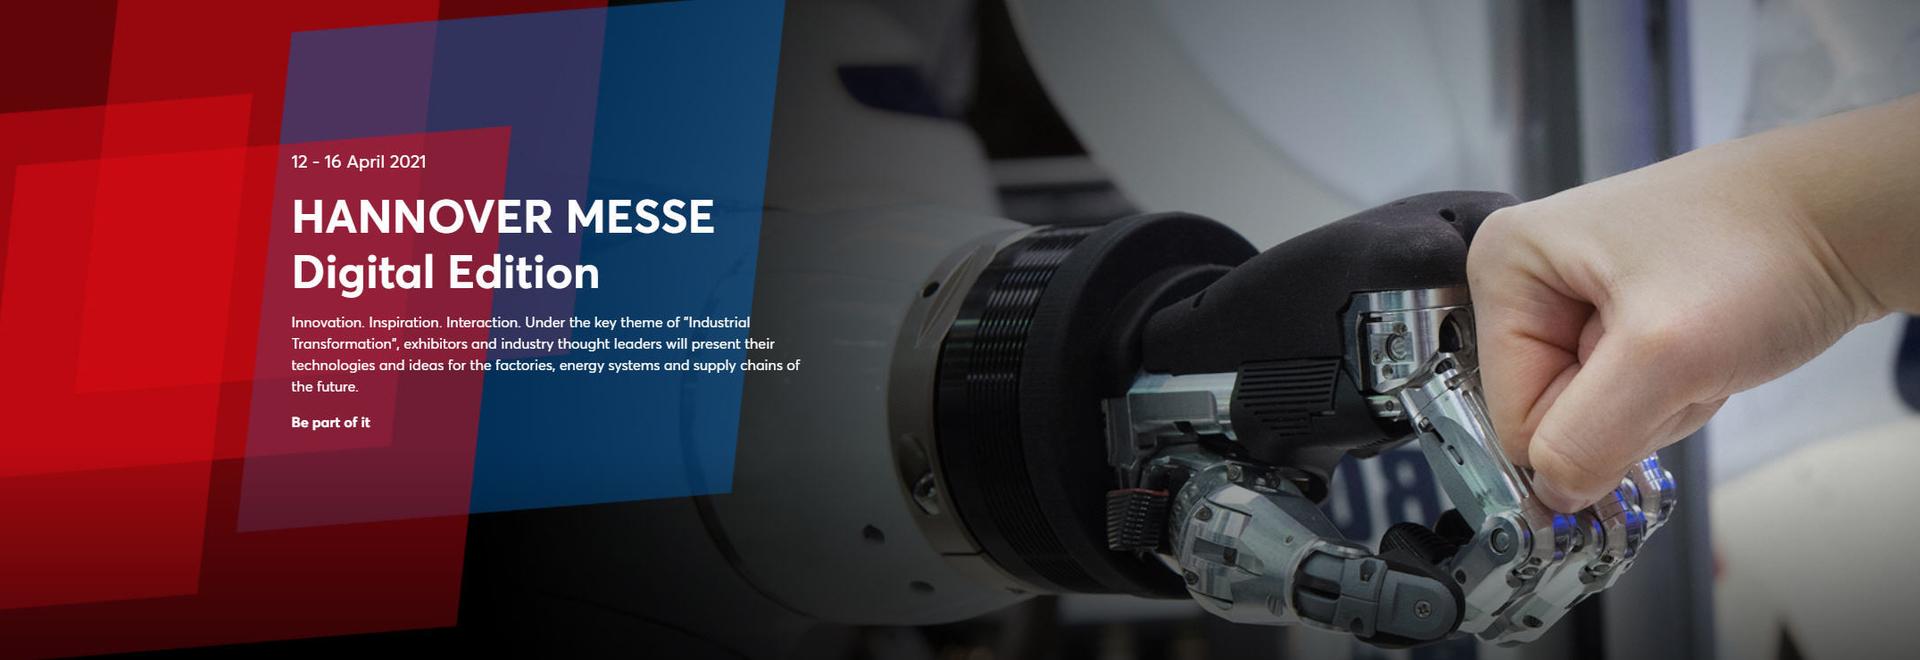 HANNOVER MESSE Digital Edition – Conference program is online